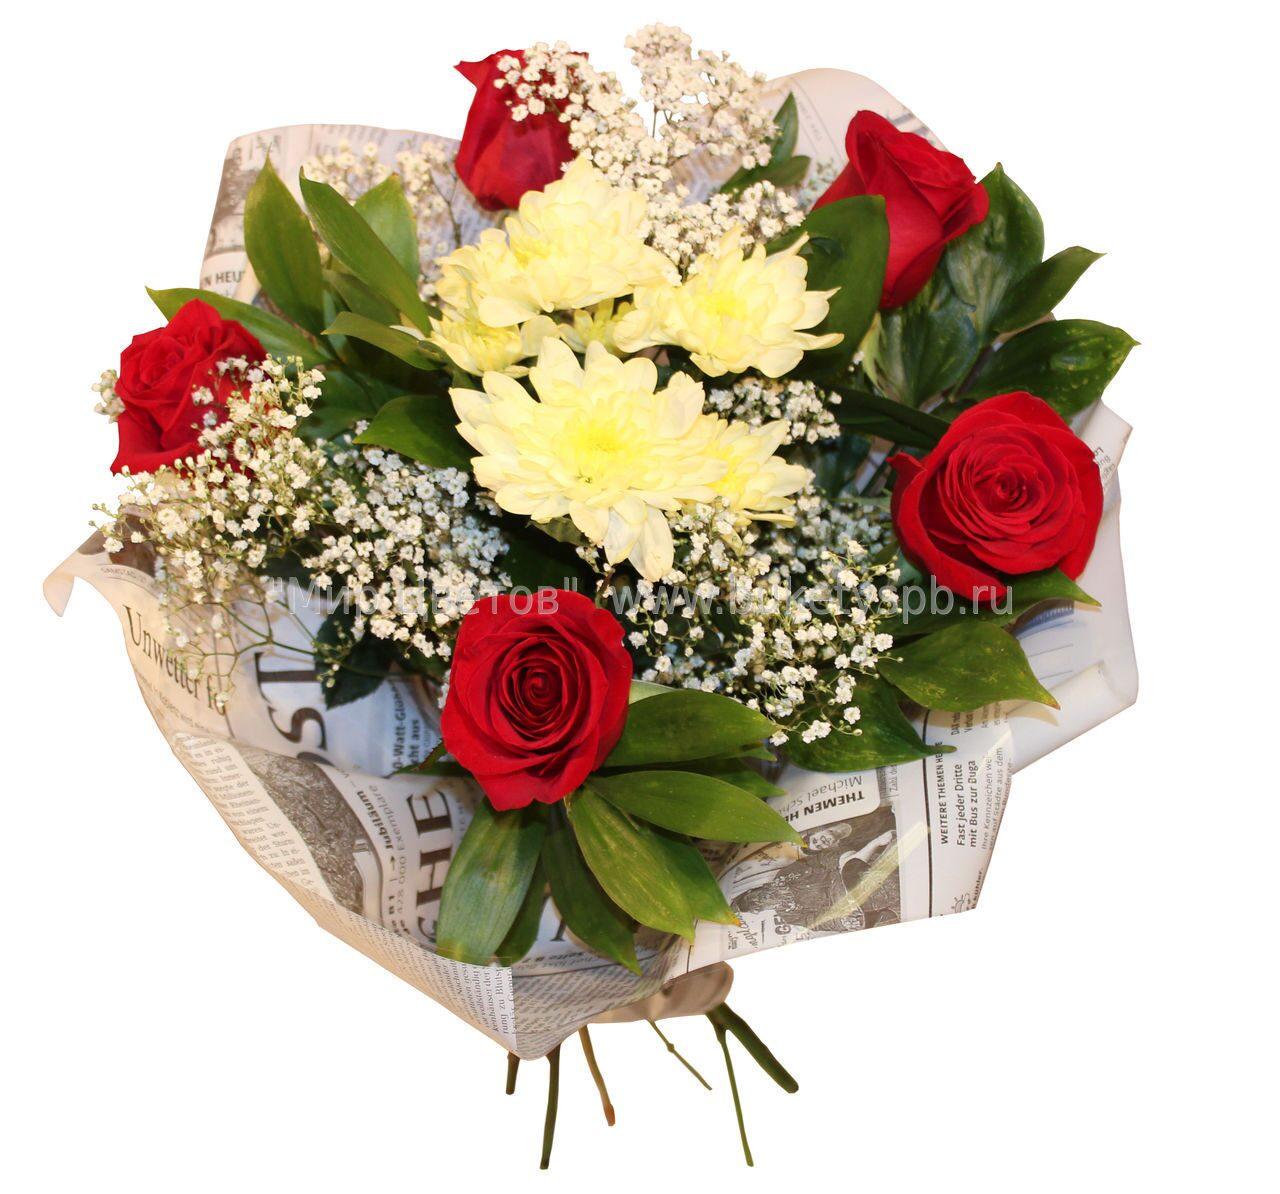 Доставка цветов тихвин купить розы оптом в одессе цена